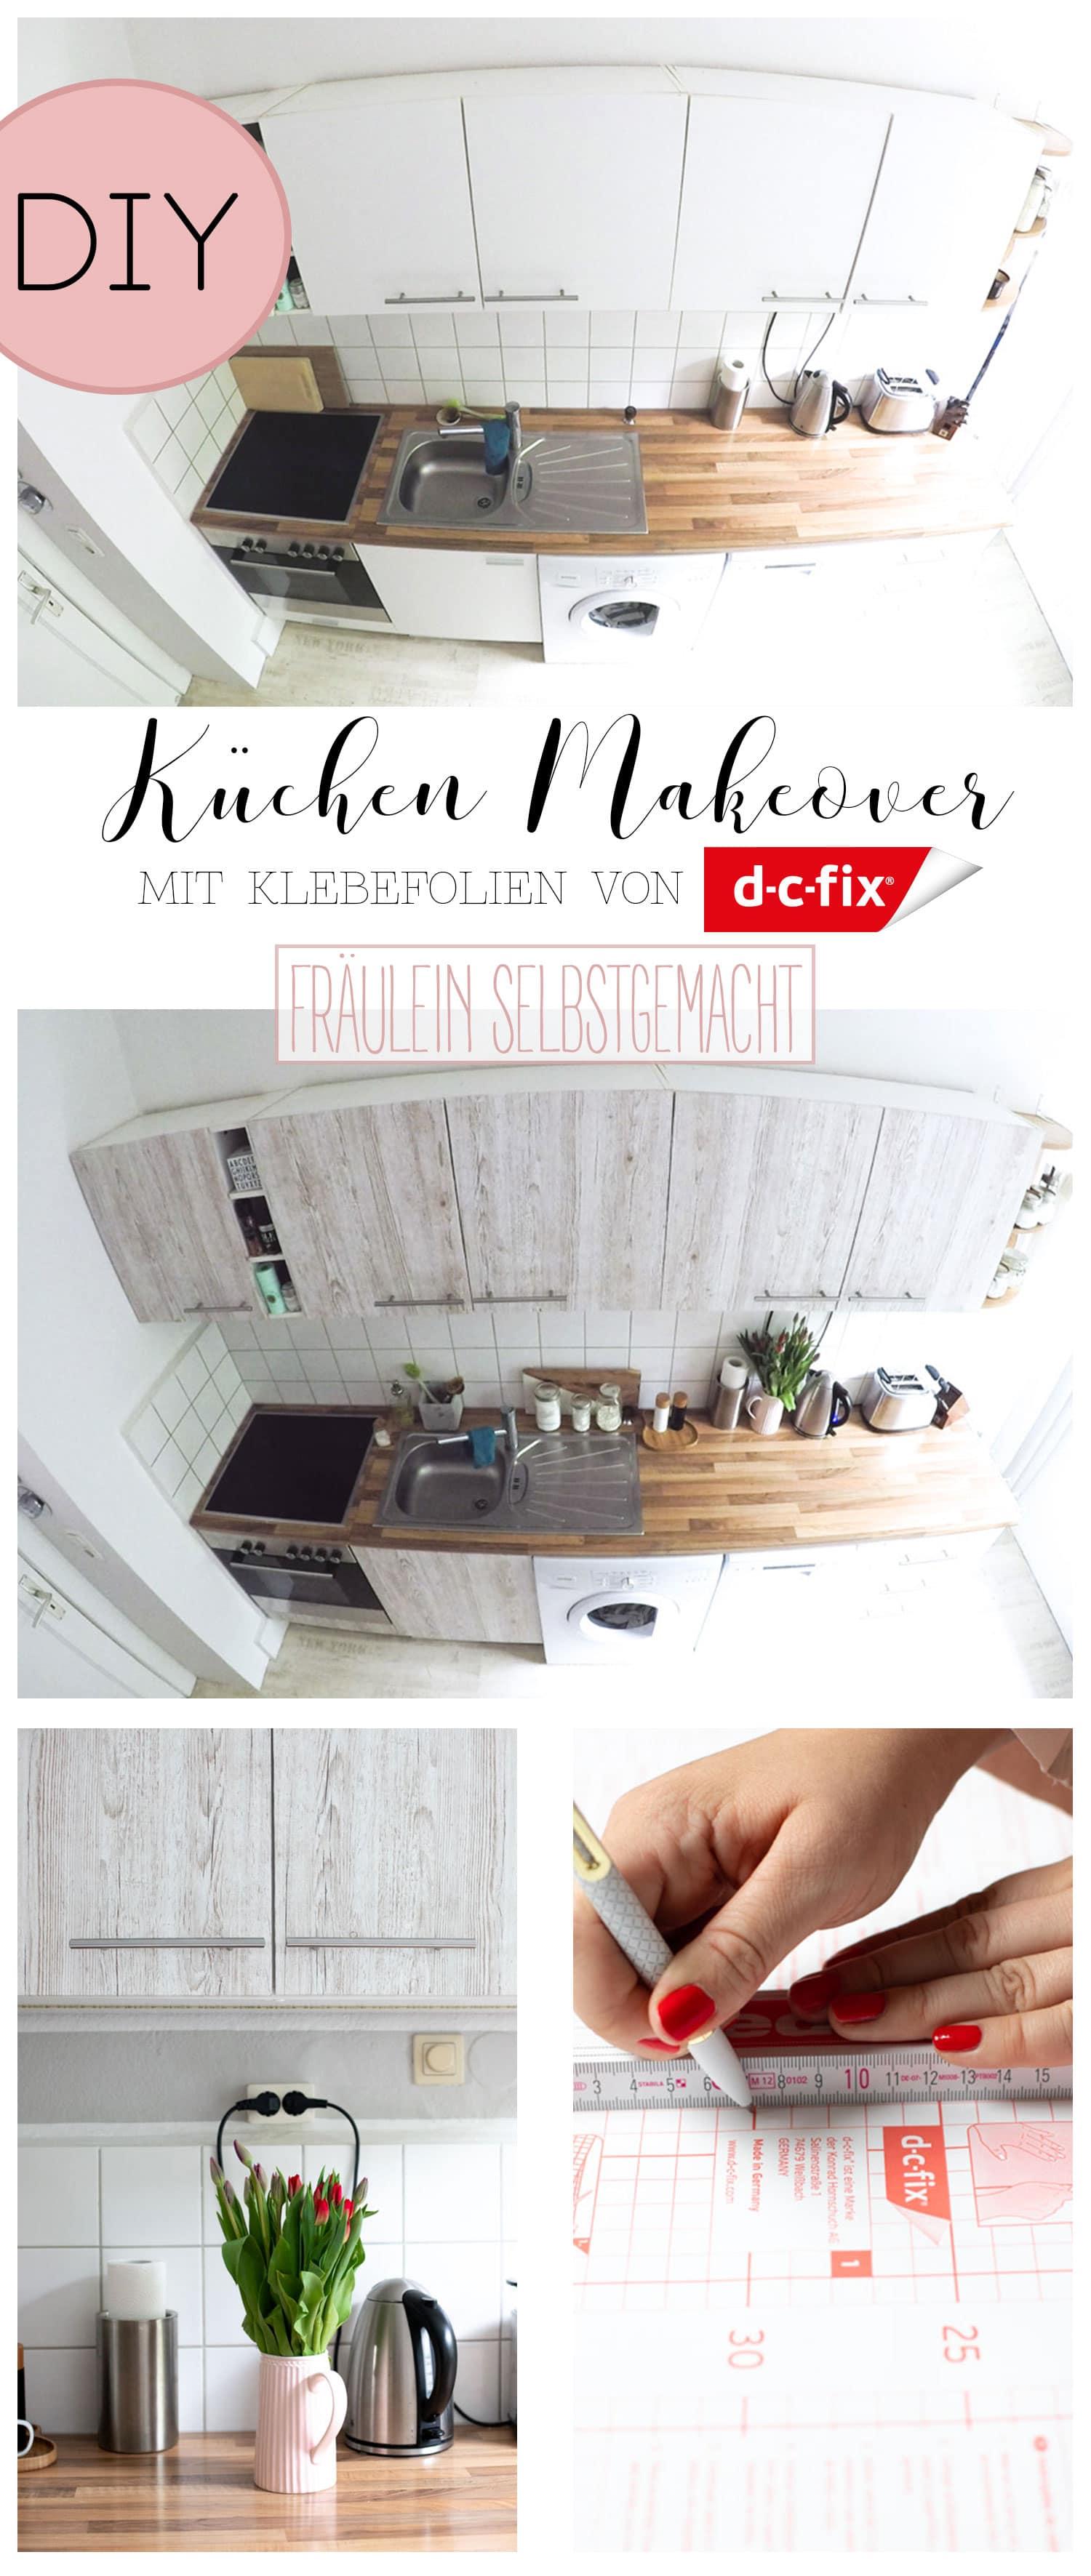 küchen_makeover_mit_klebefolie_ikea_hack_pinterest